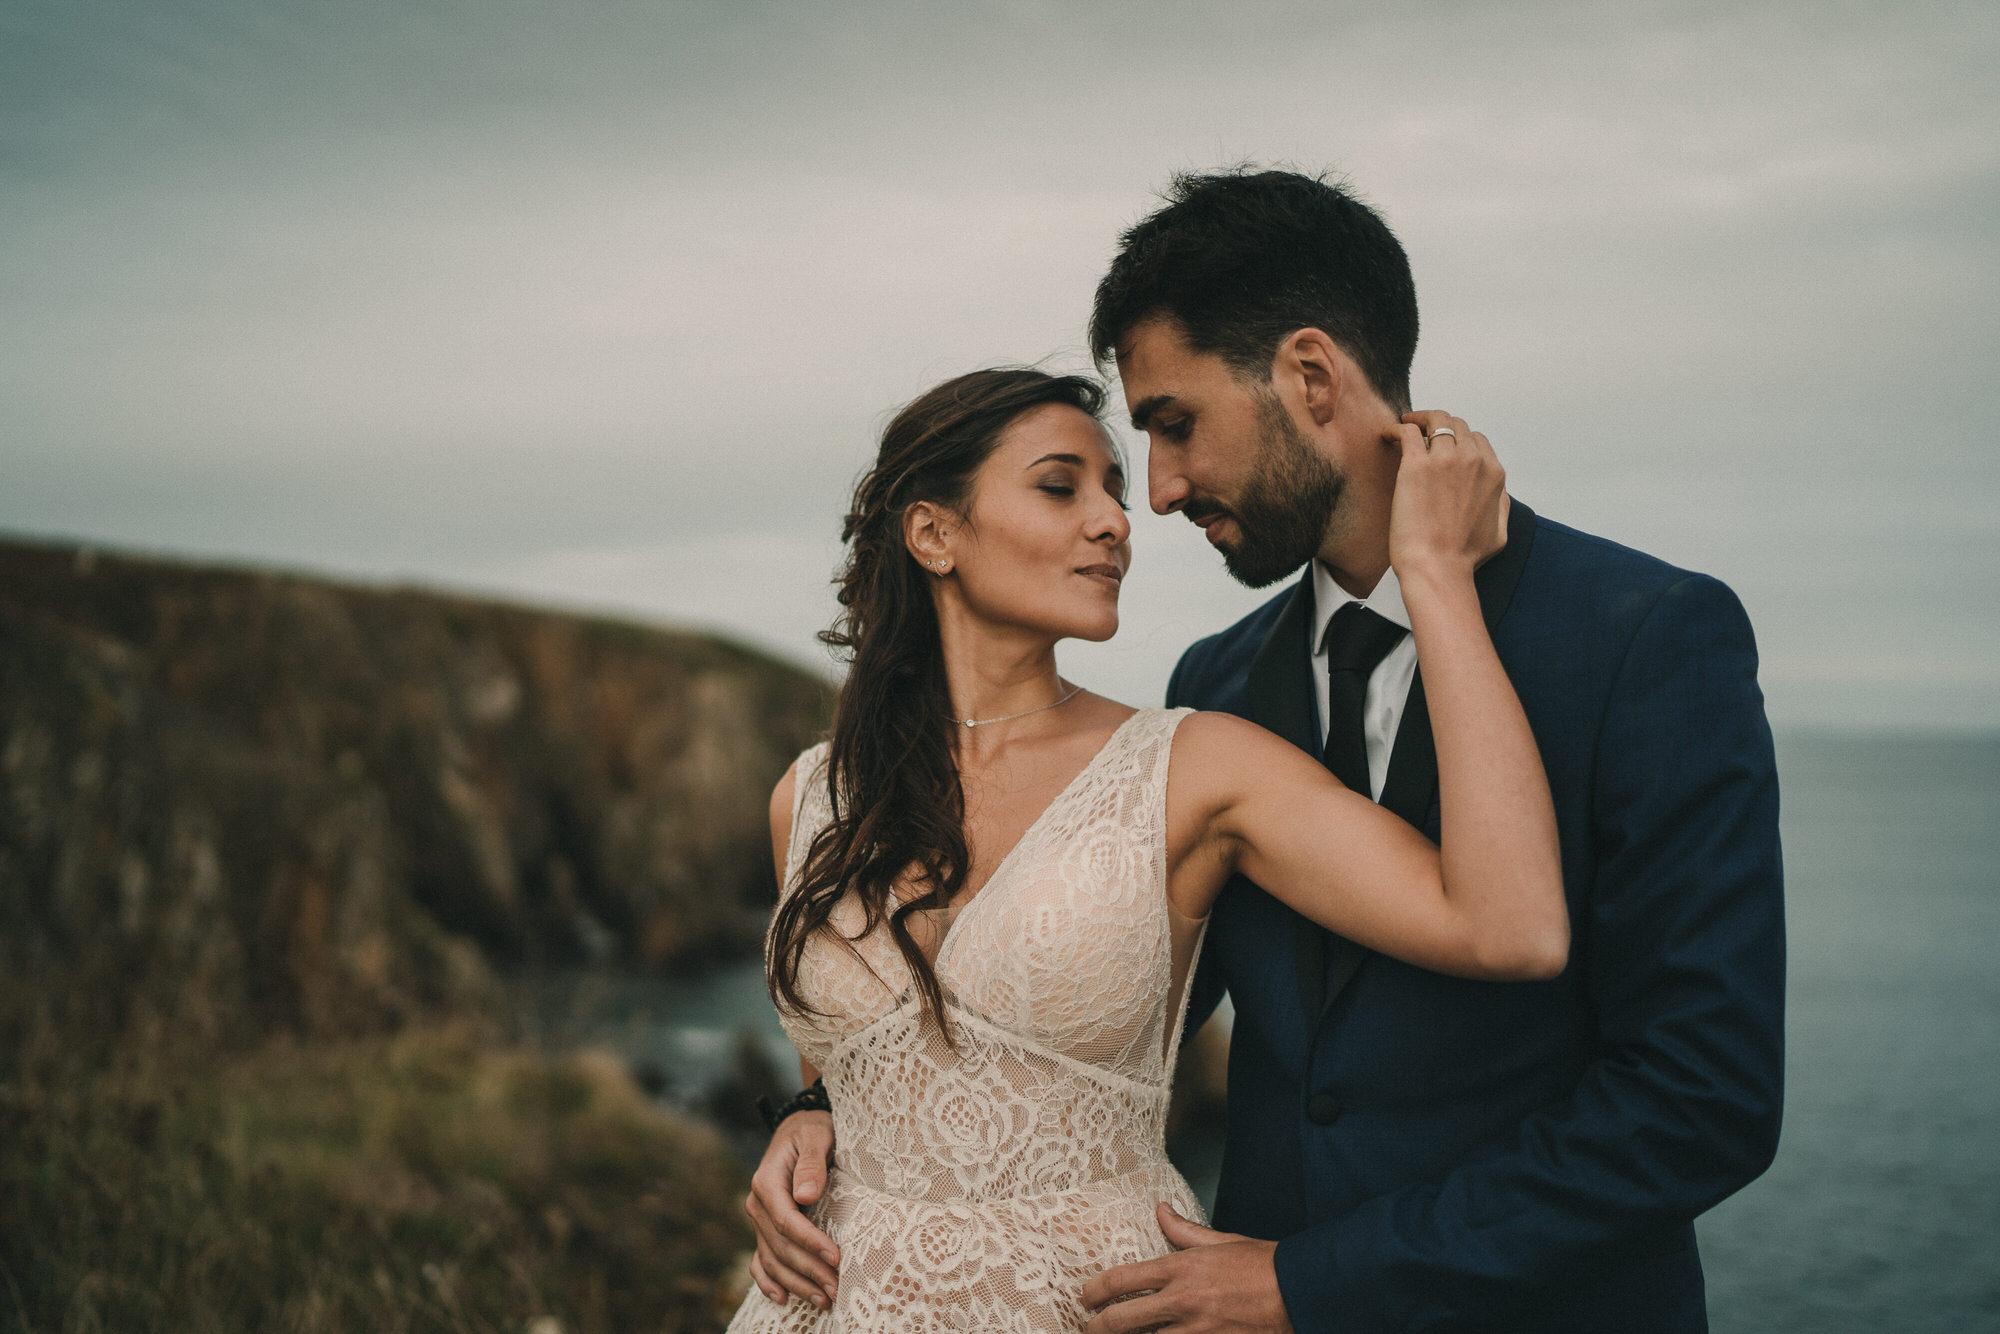 Photo de mariage intime élopement sur une falaise à Plougonvelin en Bretagne par photographe pro Finistère